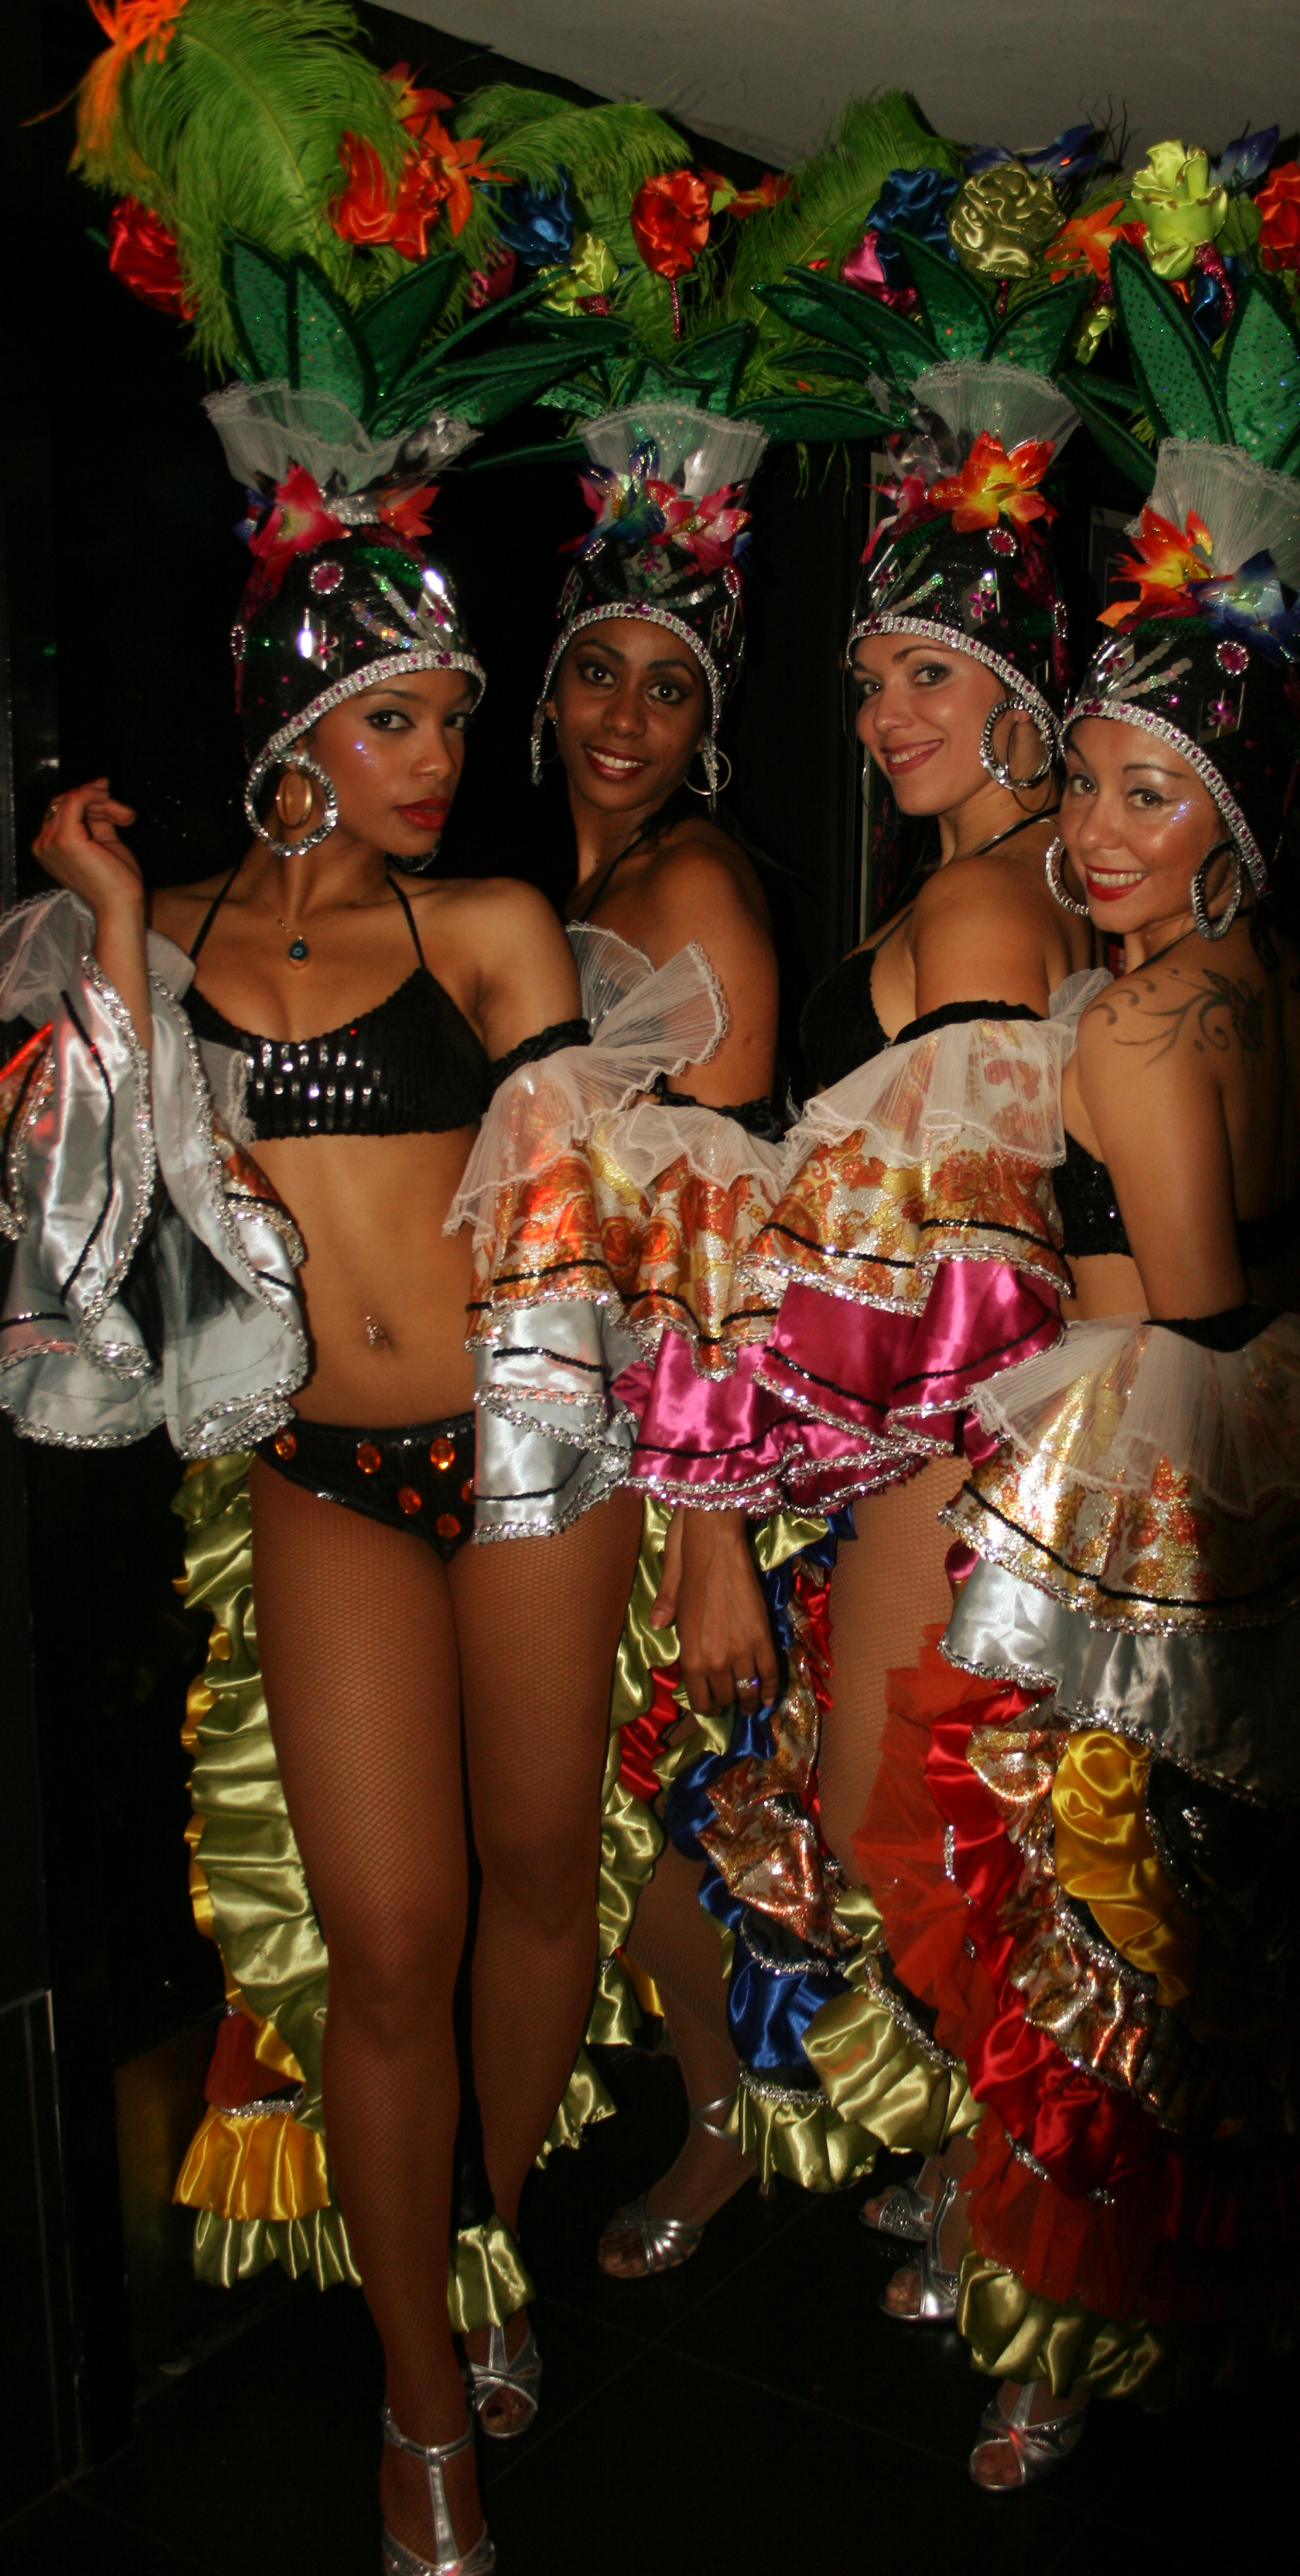 Tropicana Costumes